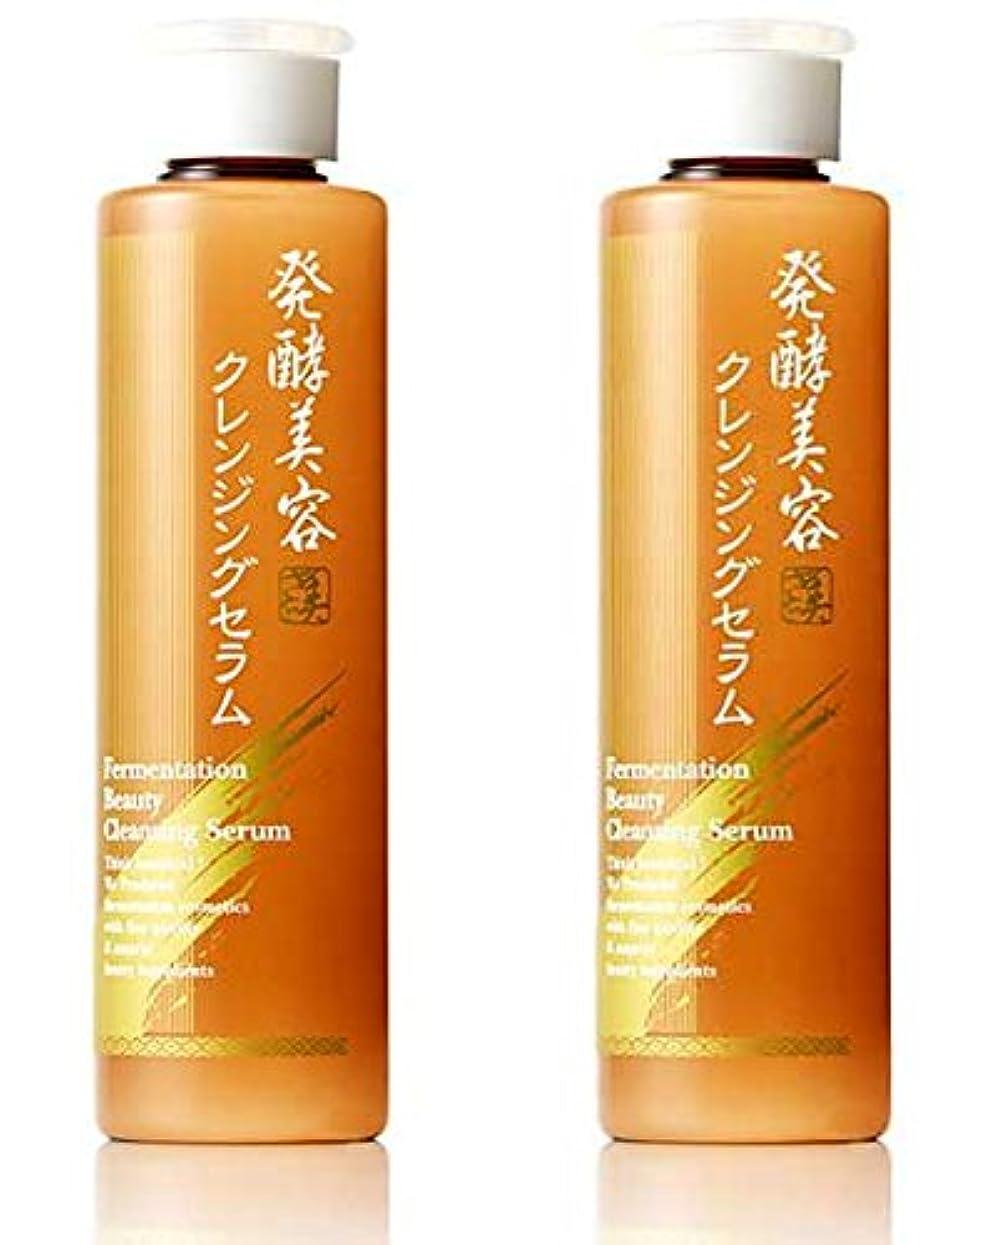 全くレオナルドダワット美さを 発酵美容クレンジングセラム 2個セット(クレンジングウォーター美容液)